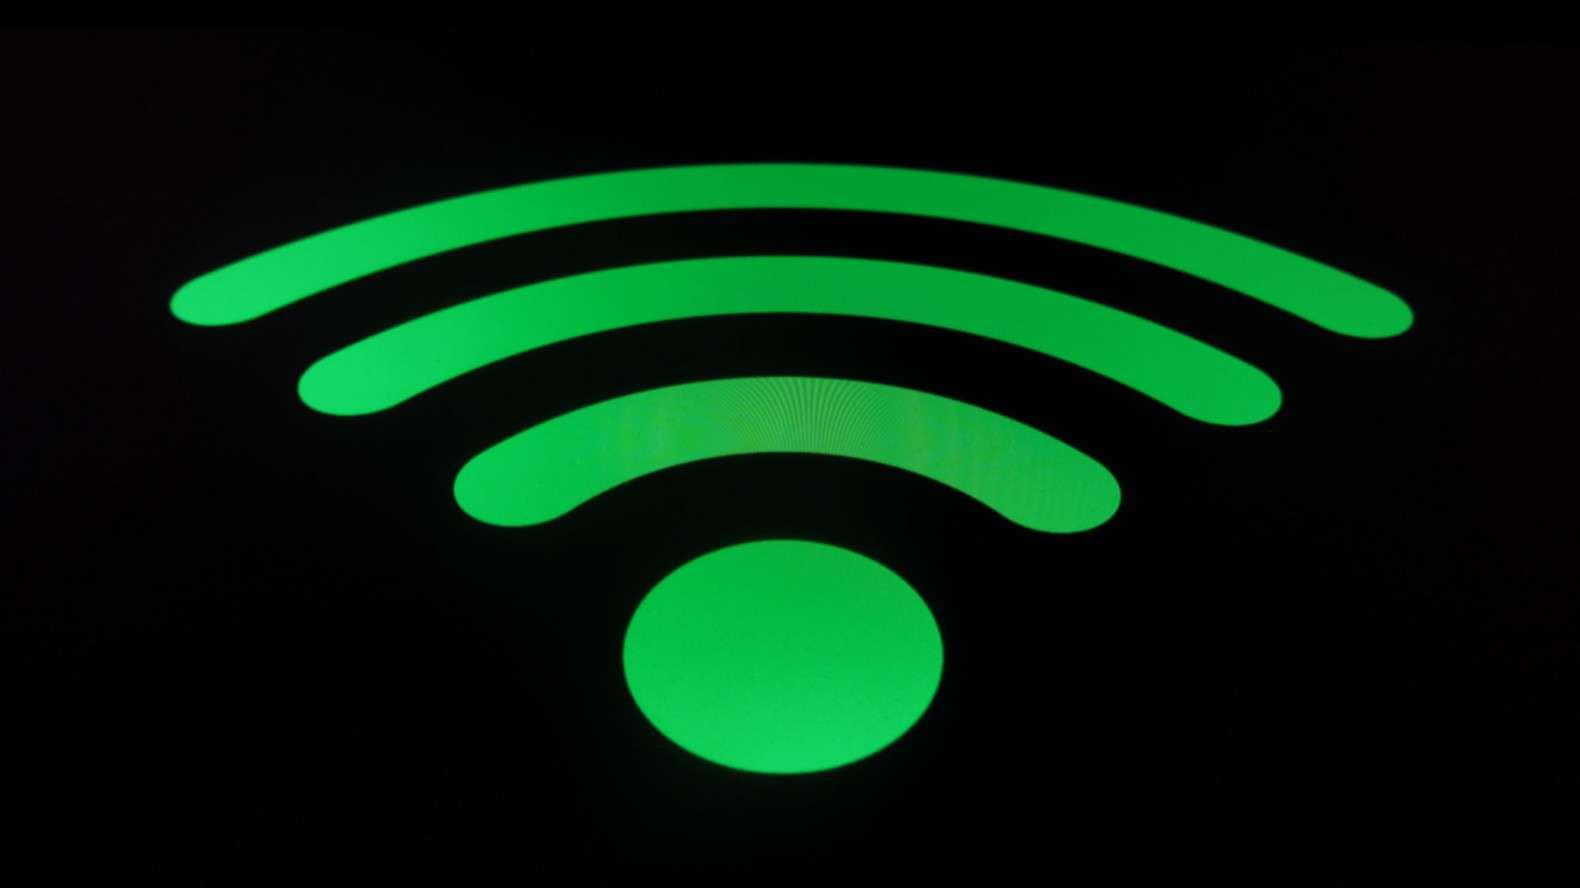 Massachusetts Teknoloji Enstitüsü'nün yüzde 330 daha hızlı WiFi teknolojisi